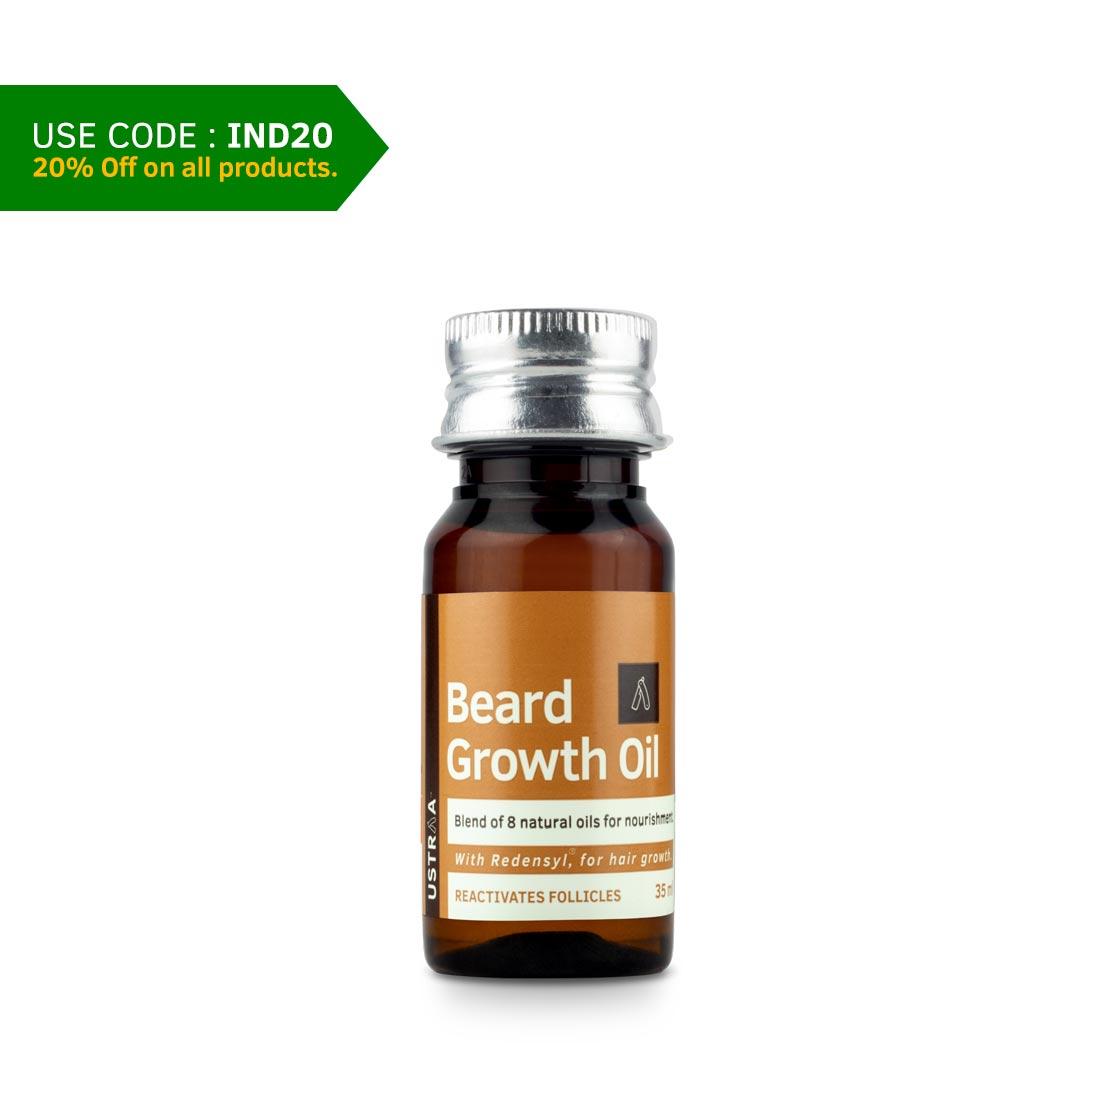 Beard Growth Oil - 35 ml